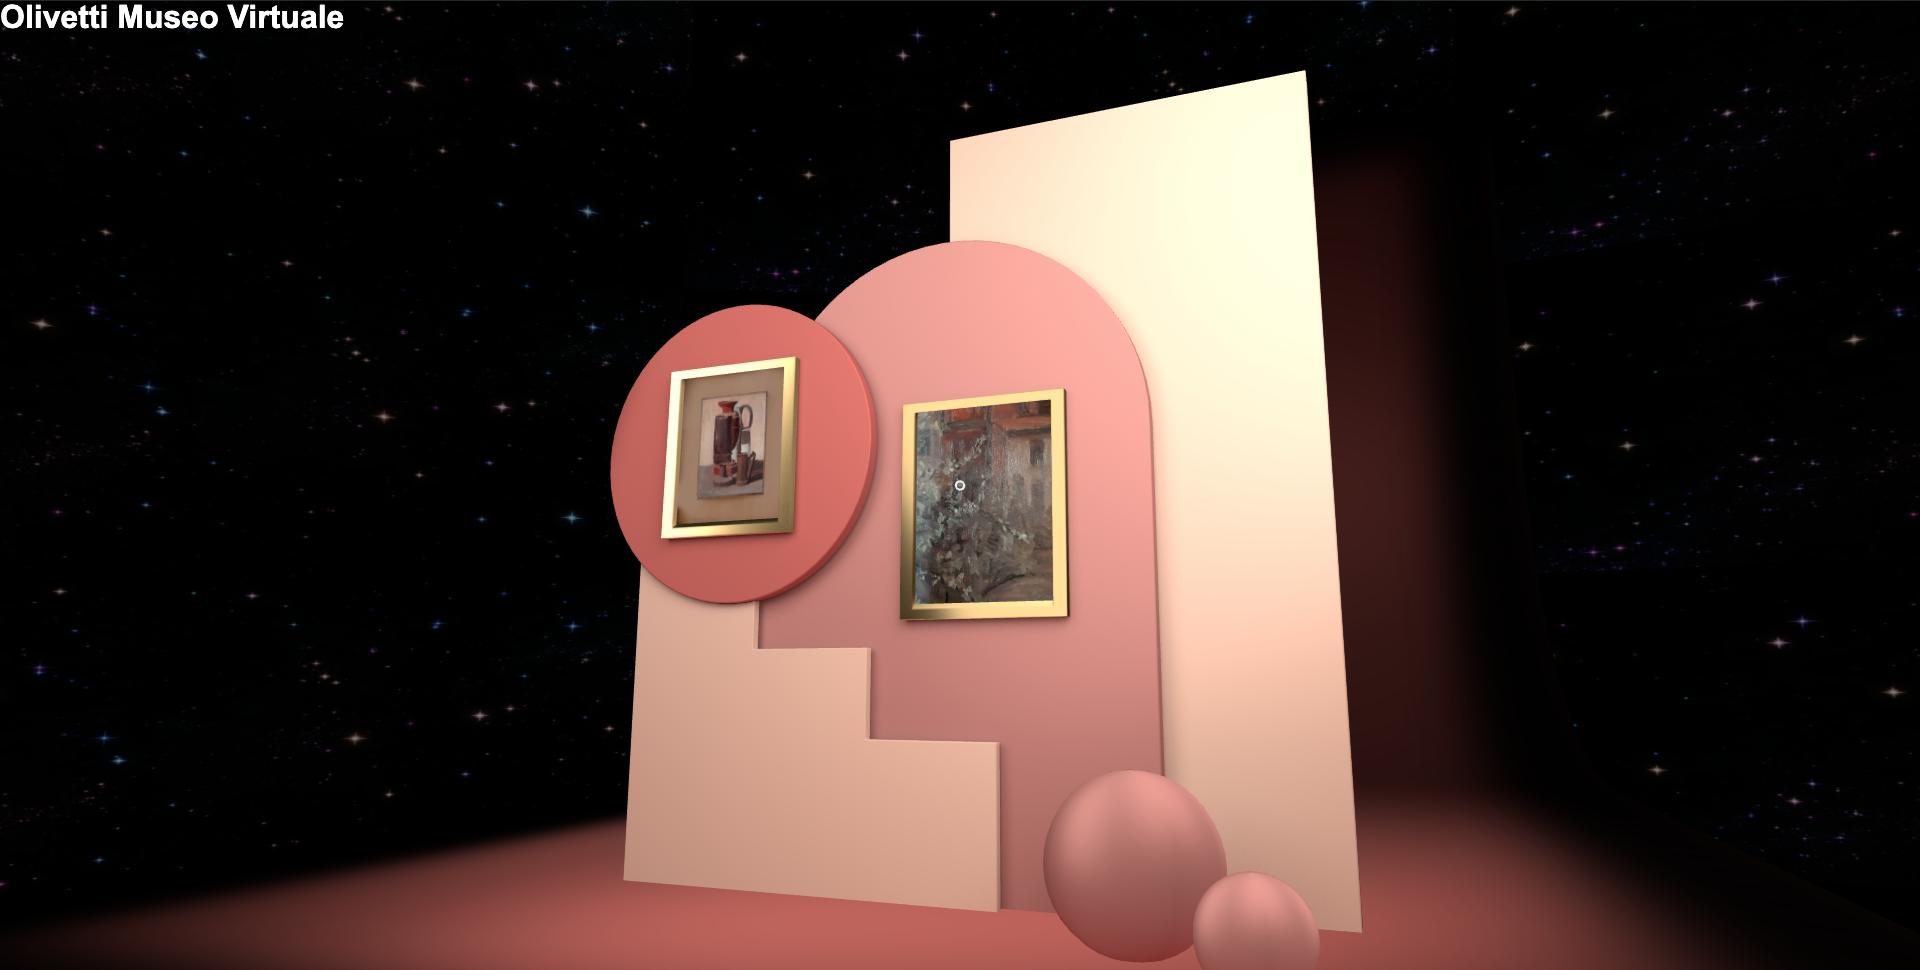 Collezione Olivetti - mostra virtuale 3D